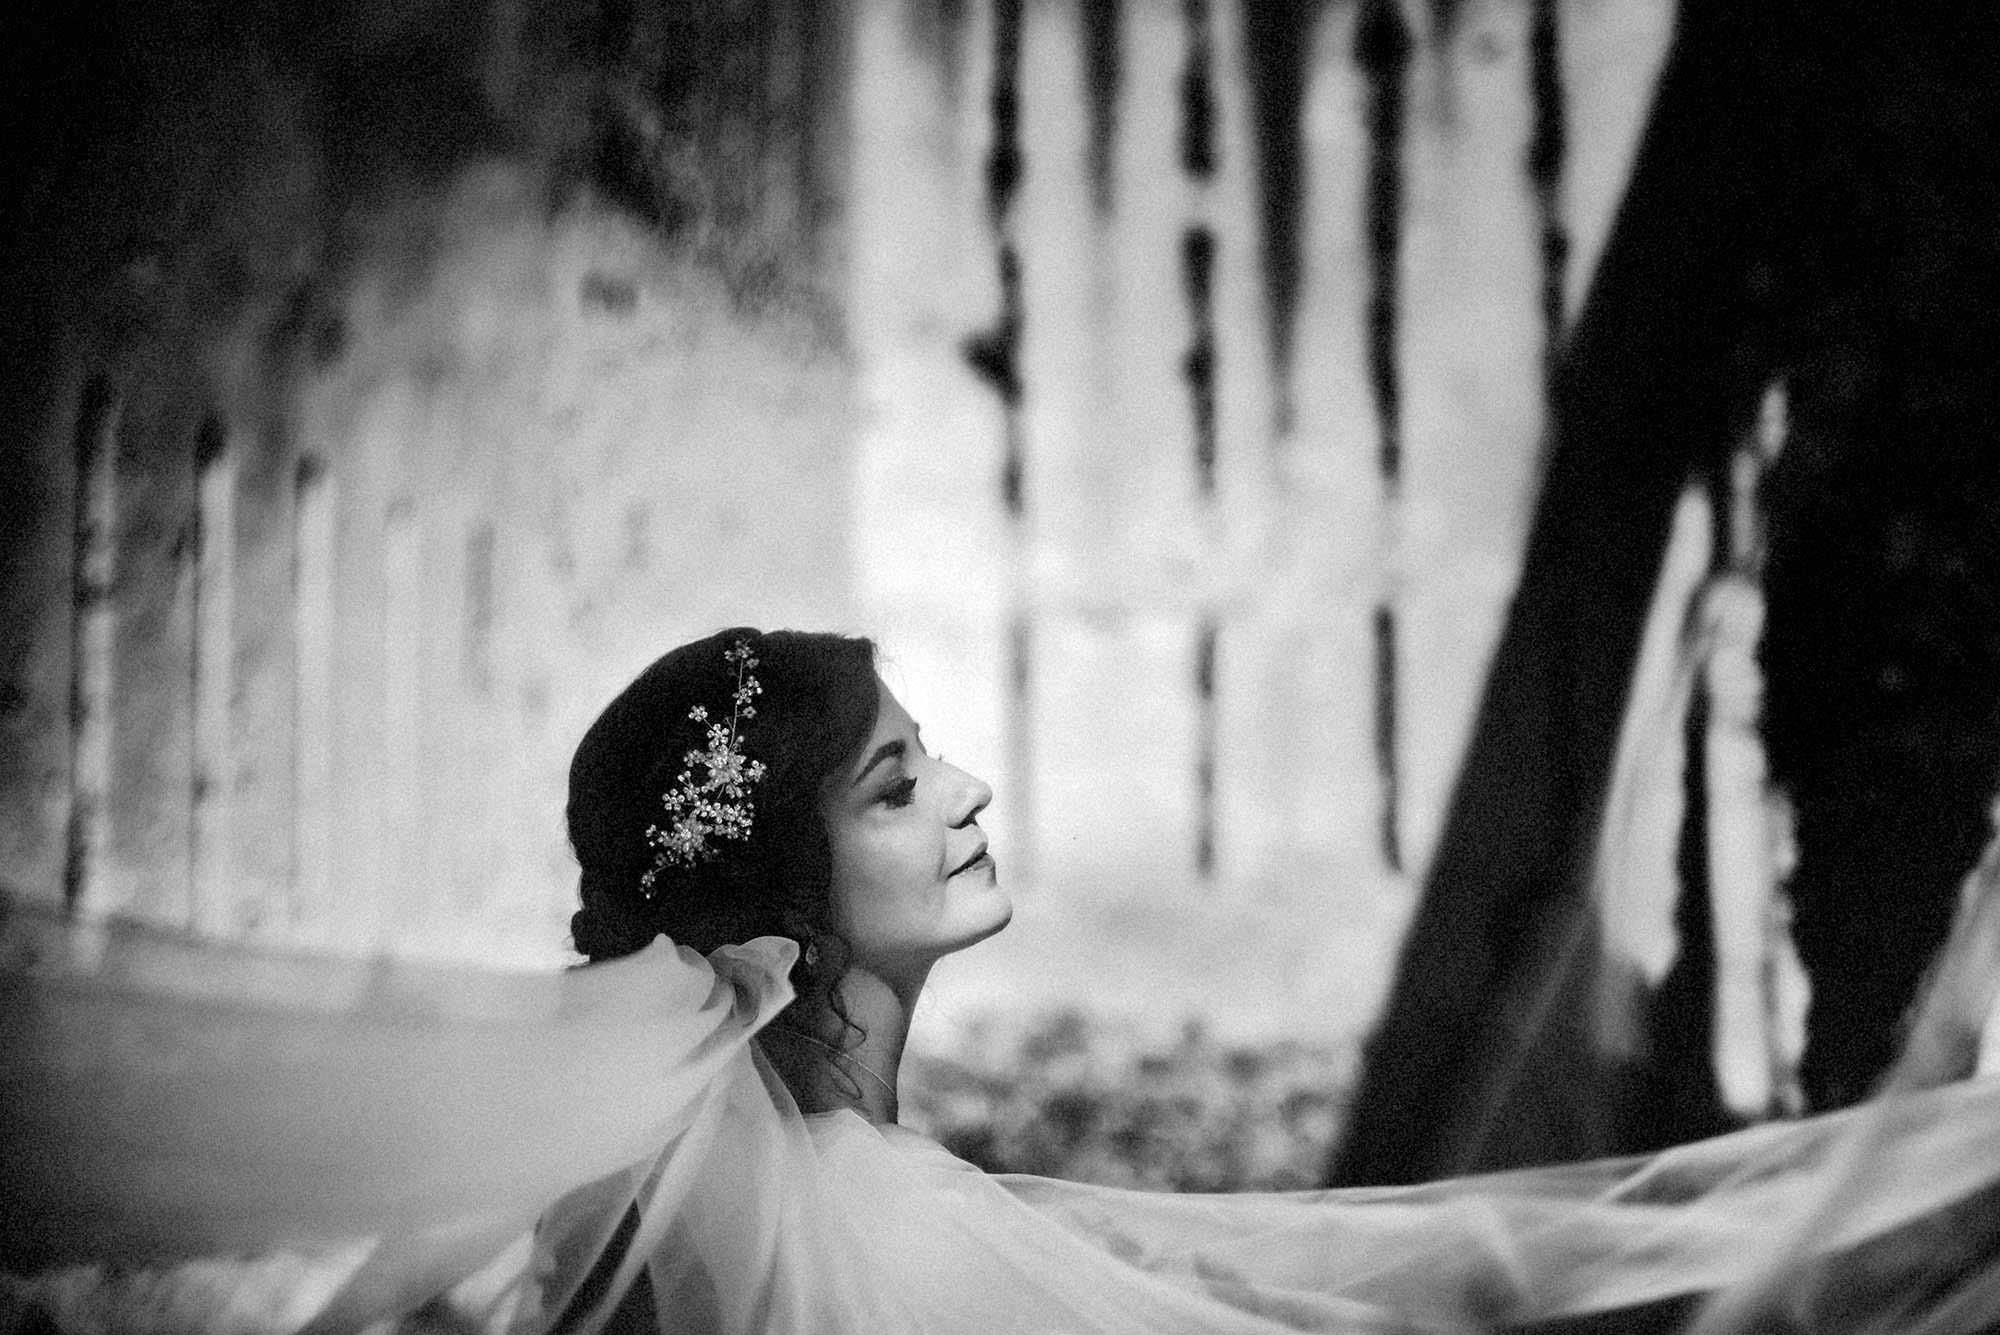 Boda Queretaro hacienda wedding planner magali espinosa fotografo 12-WEB.jpg